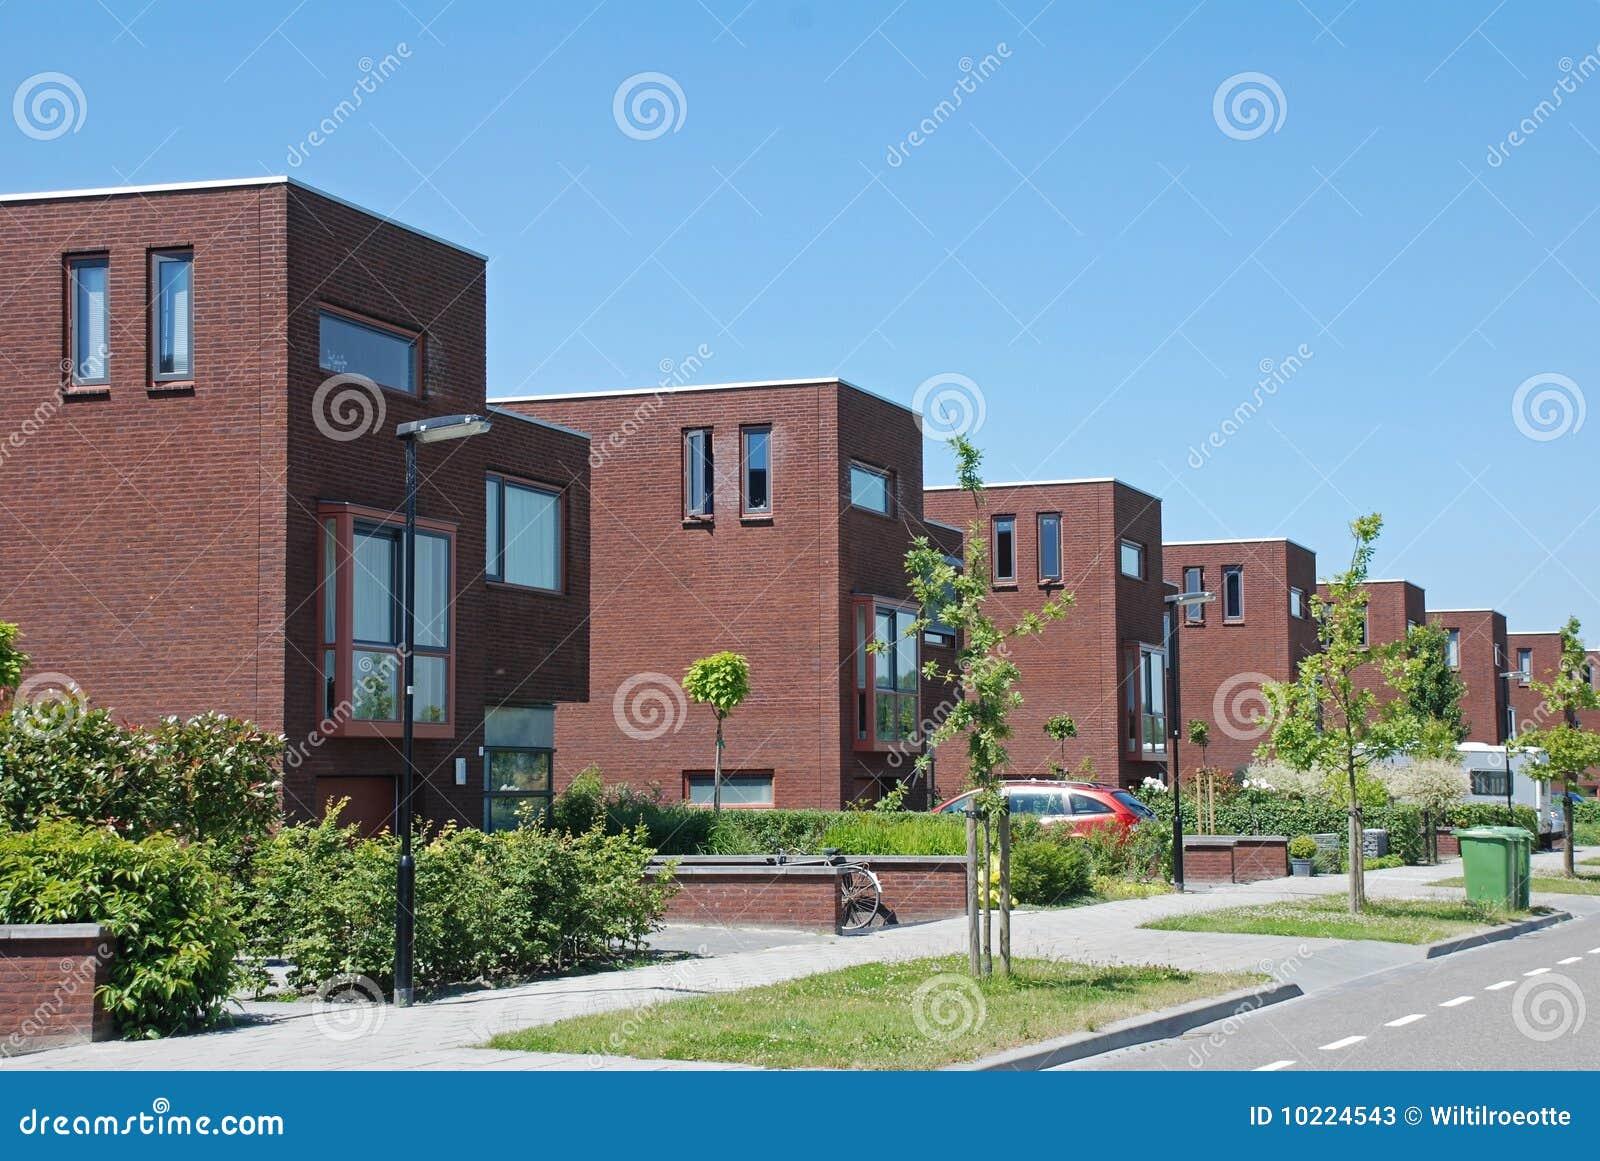 Via con le case moderne immagine stock immagine di for Le case moderne